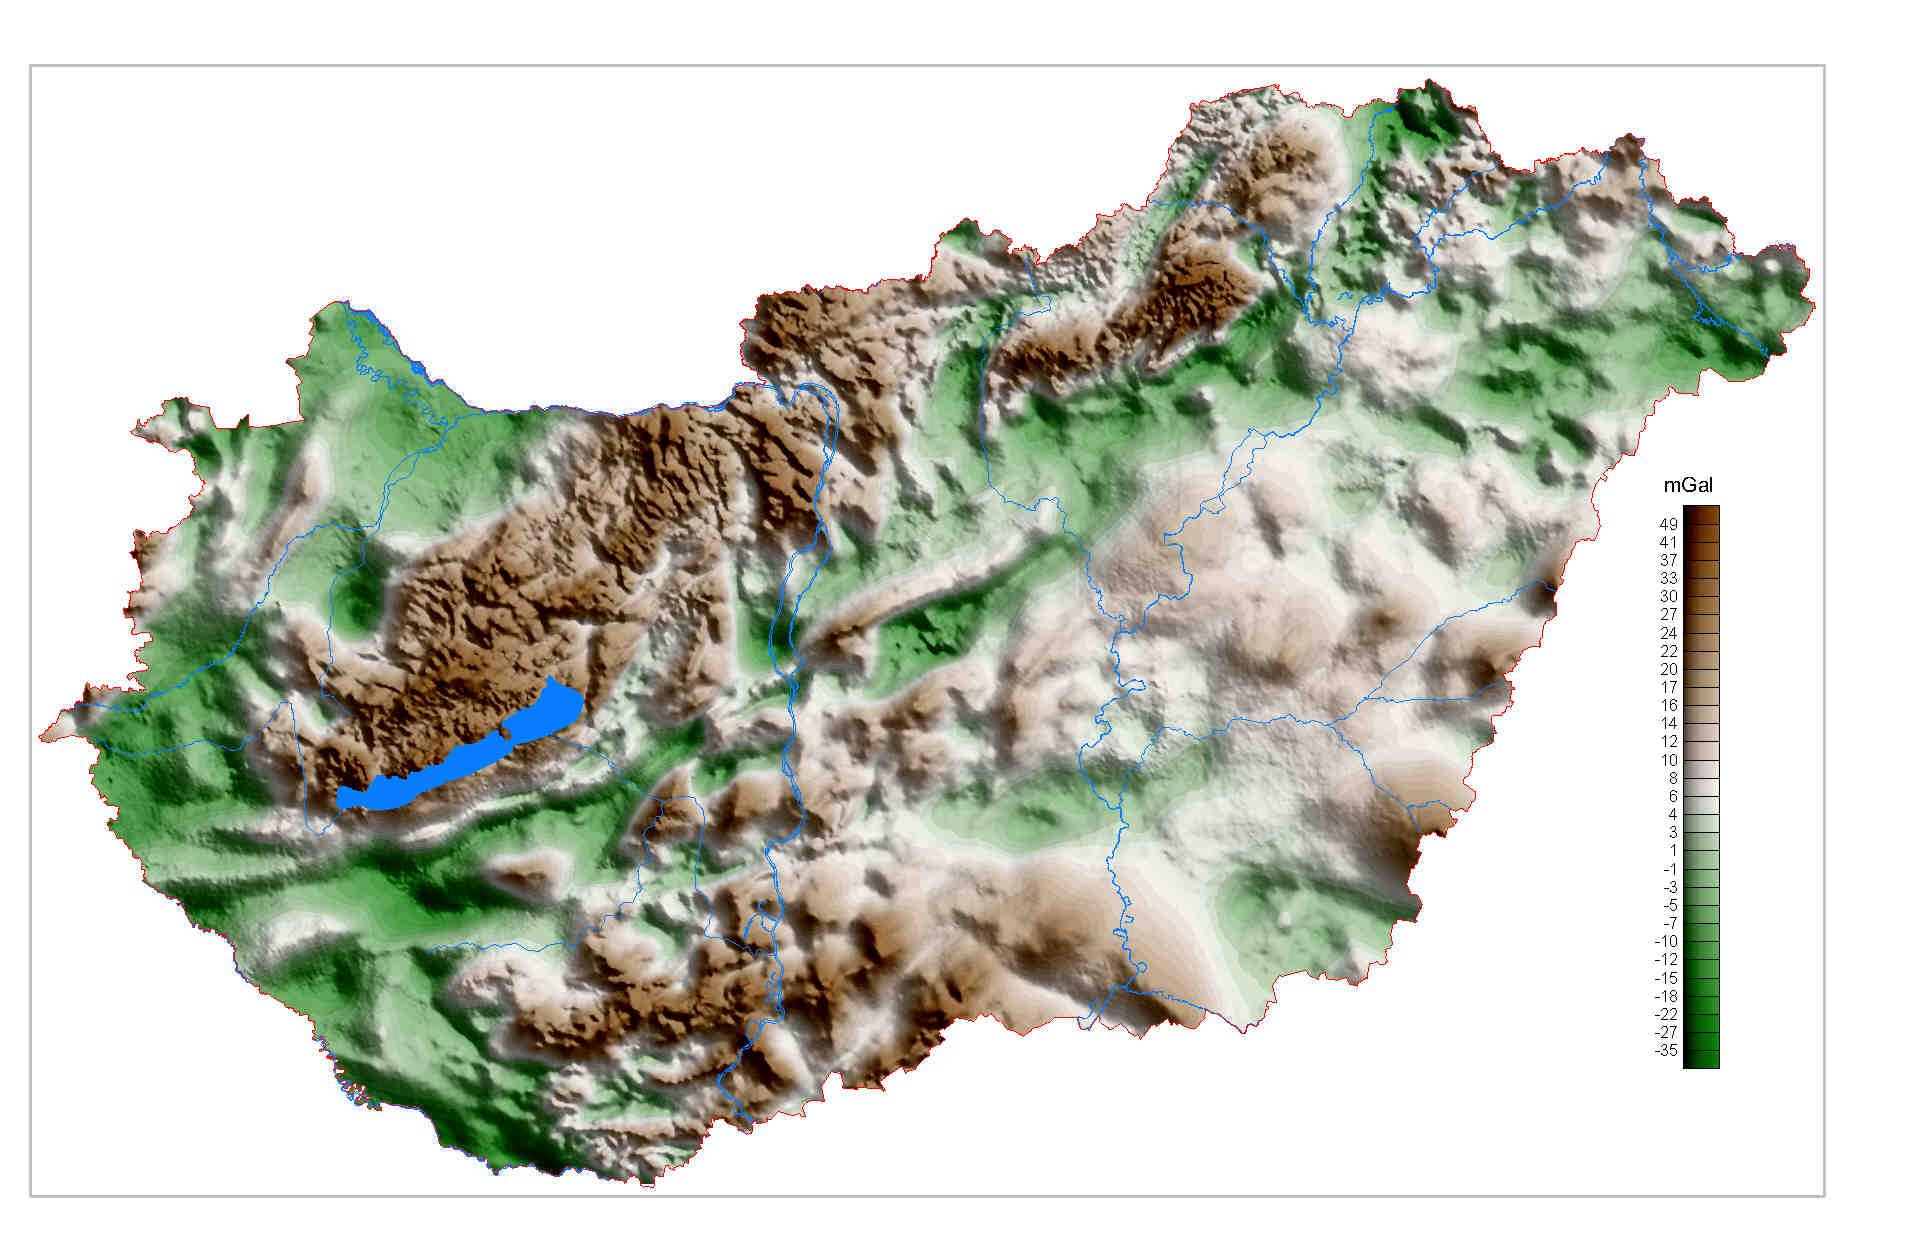 bakony domborzati térkép Magyarországon élünk: Domborzati térkép (kép) bakony domborzati térkép